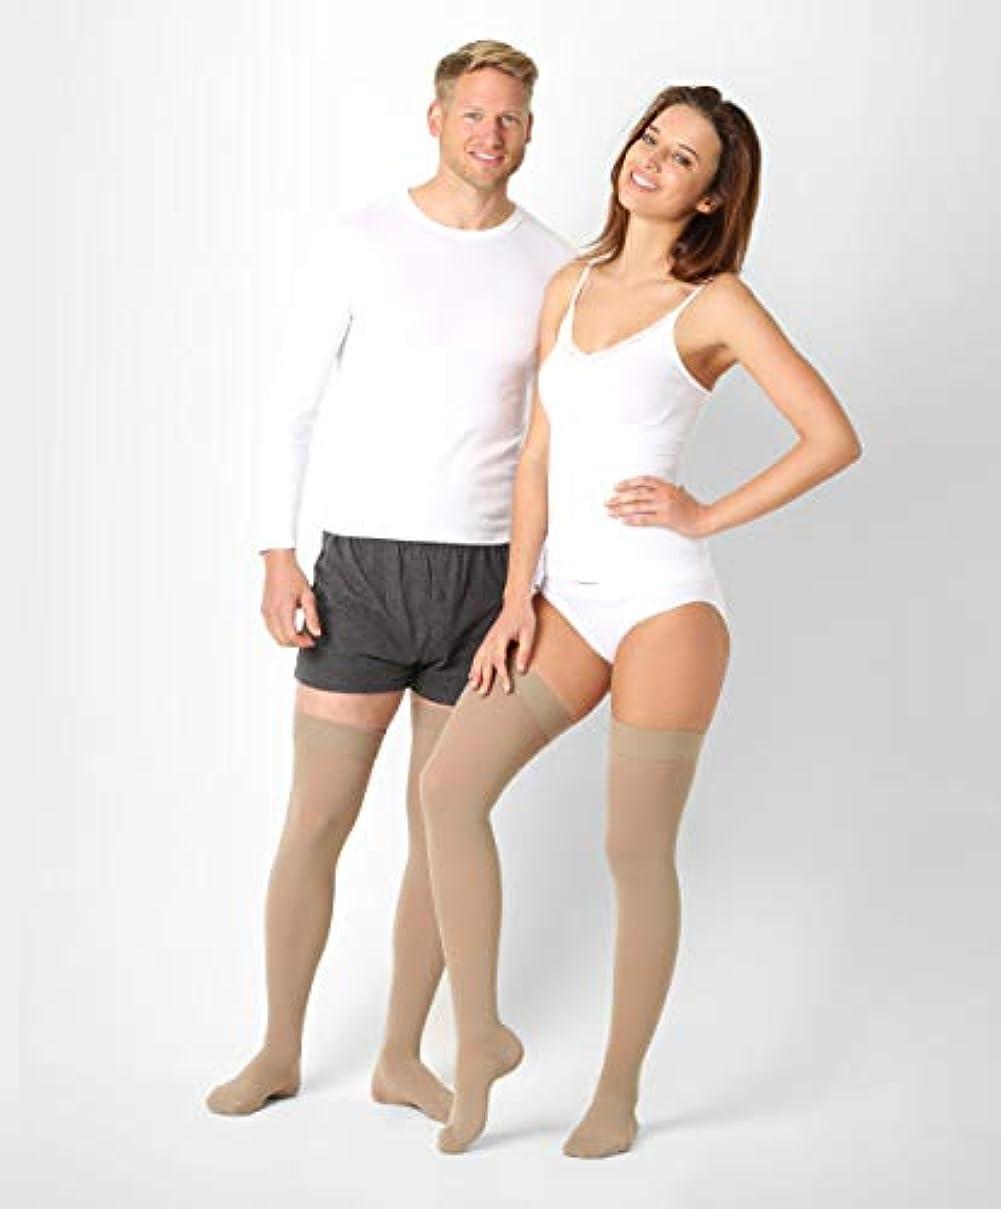 申請者冒険家ペットBeFit24 医療用着圧ストッキング クラス 1 (18-21 mmHg) 男性?女性用 ーあらゆるラ イフスタイルのニーズに対応ー ヨーロッパ製 X-Large Beige